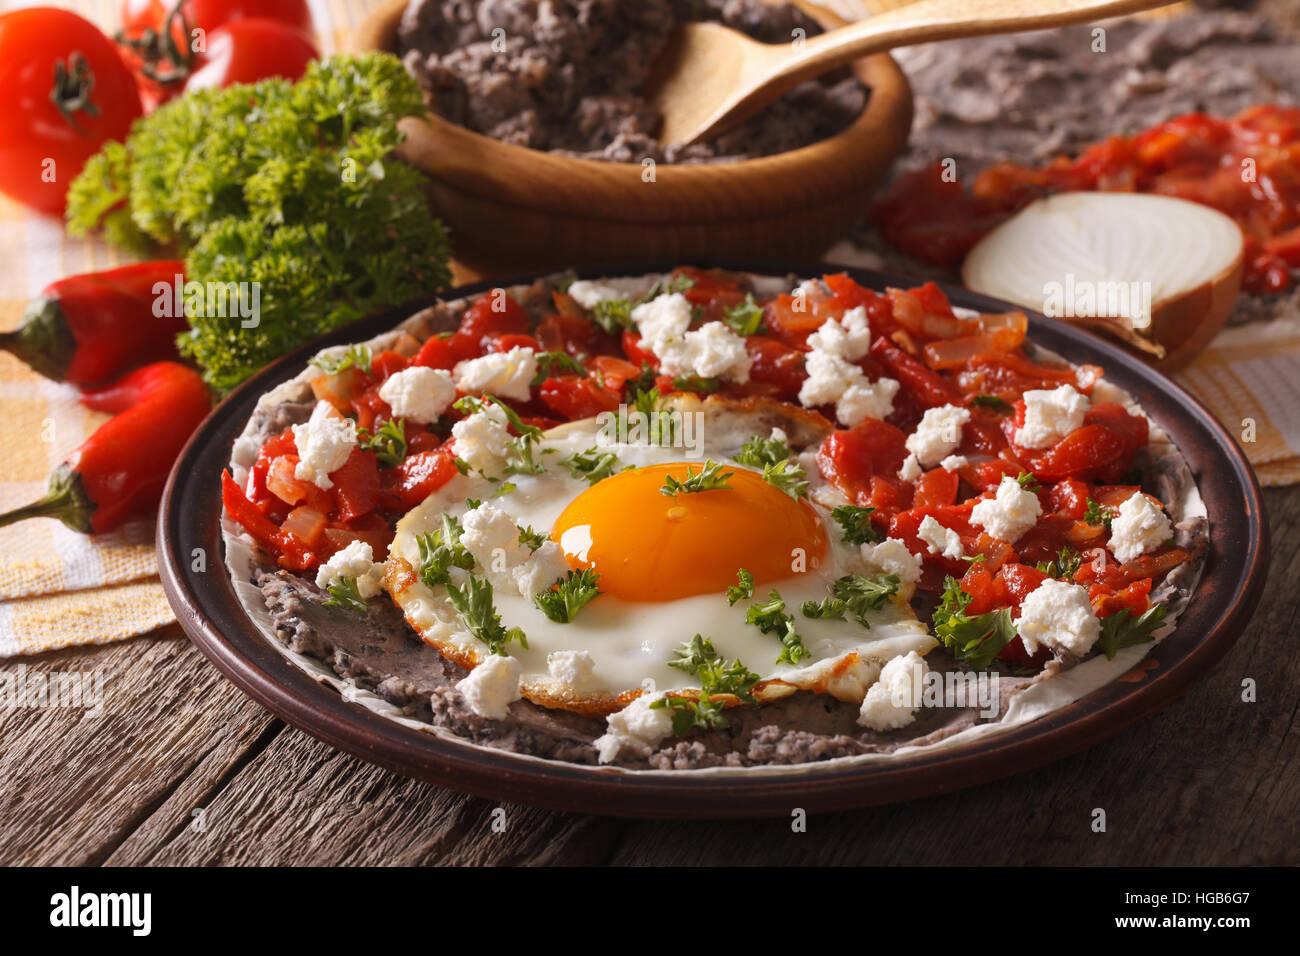 Cibo messicano: huevos rancheros close-up su una piastra sul tavolo. Posizione orizzontale Immagini Stock